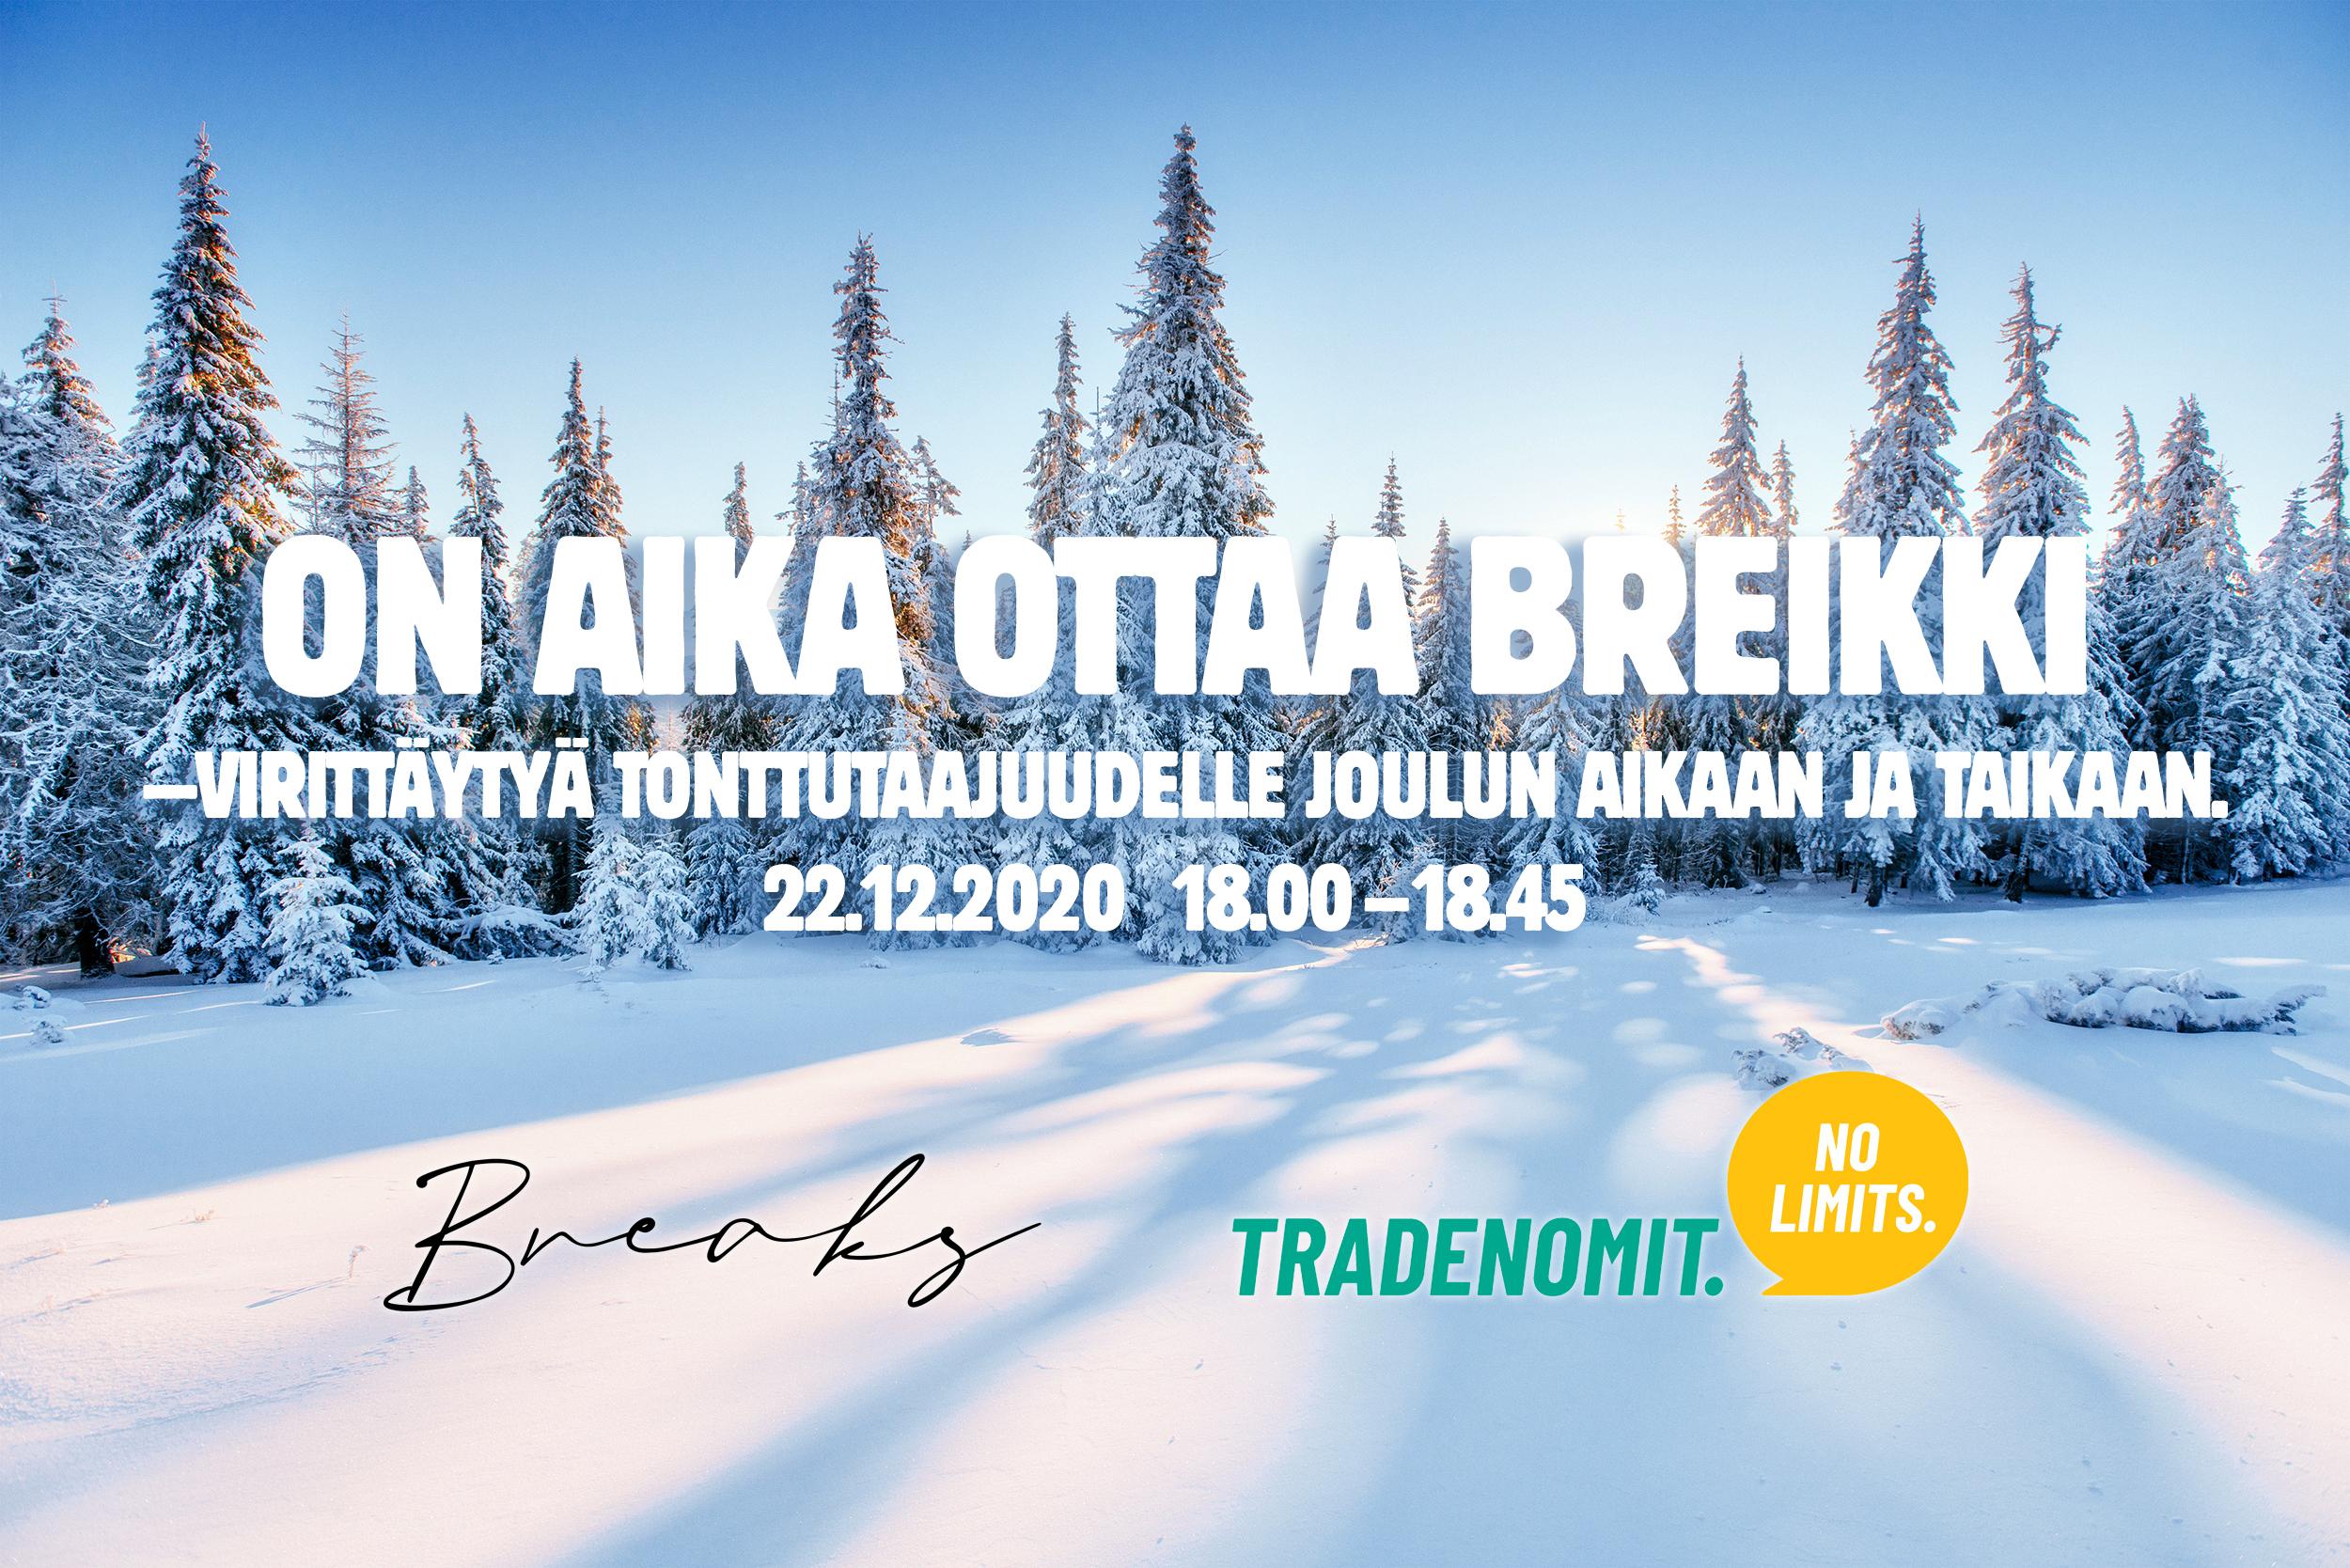 joulu-breikki_tradenomi.jpg (2.88 MB)